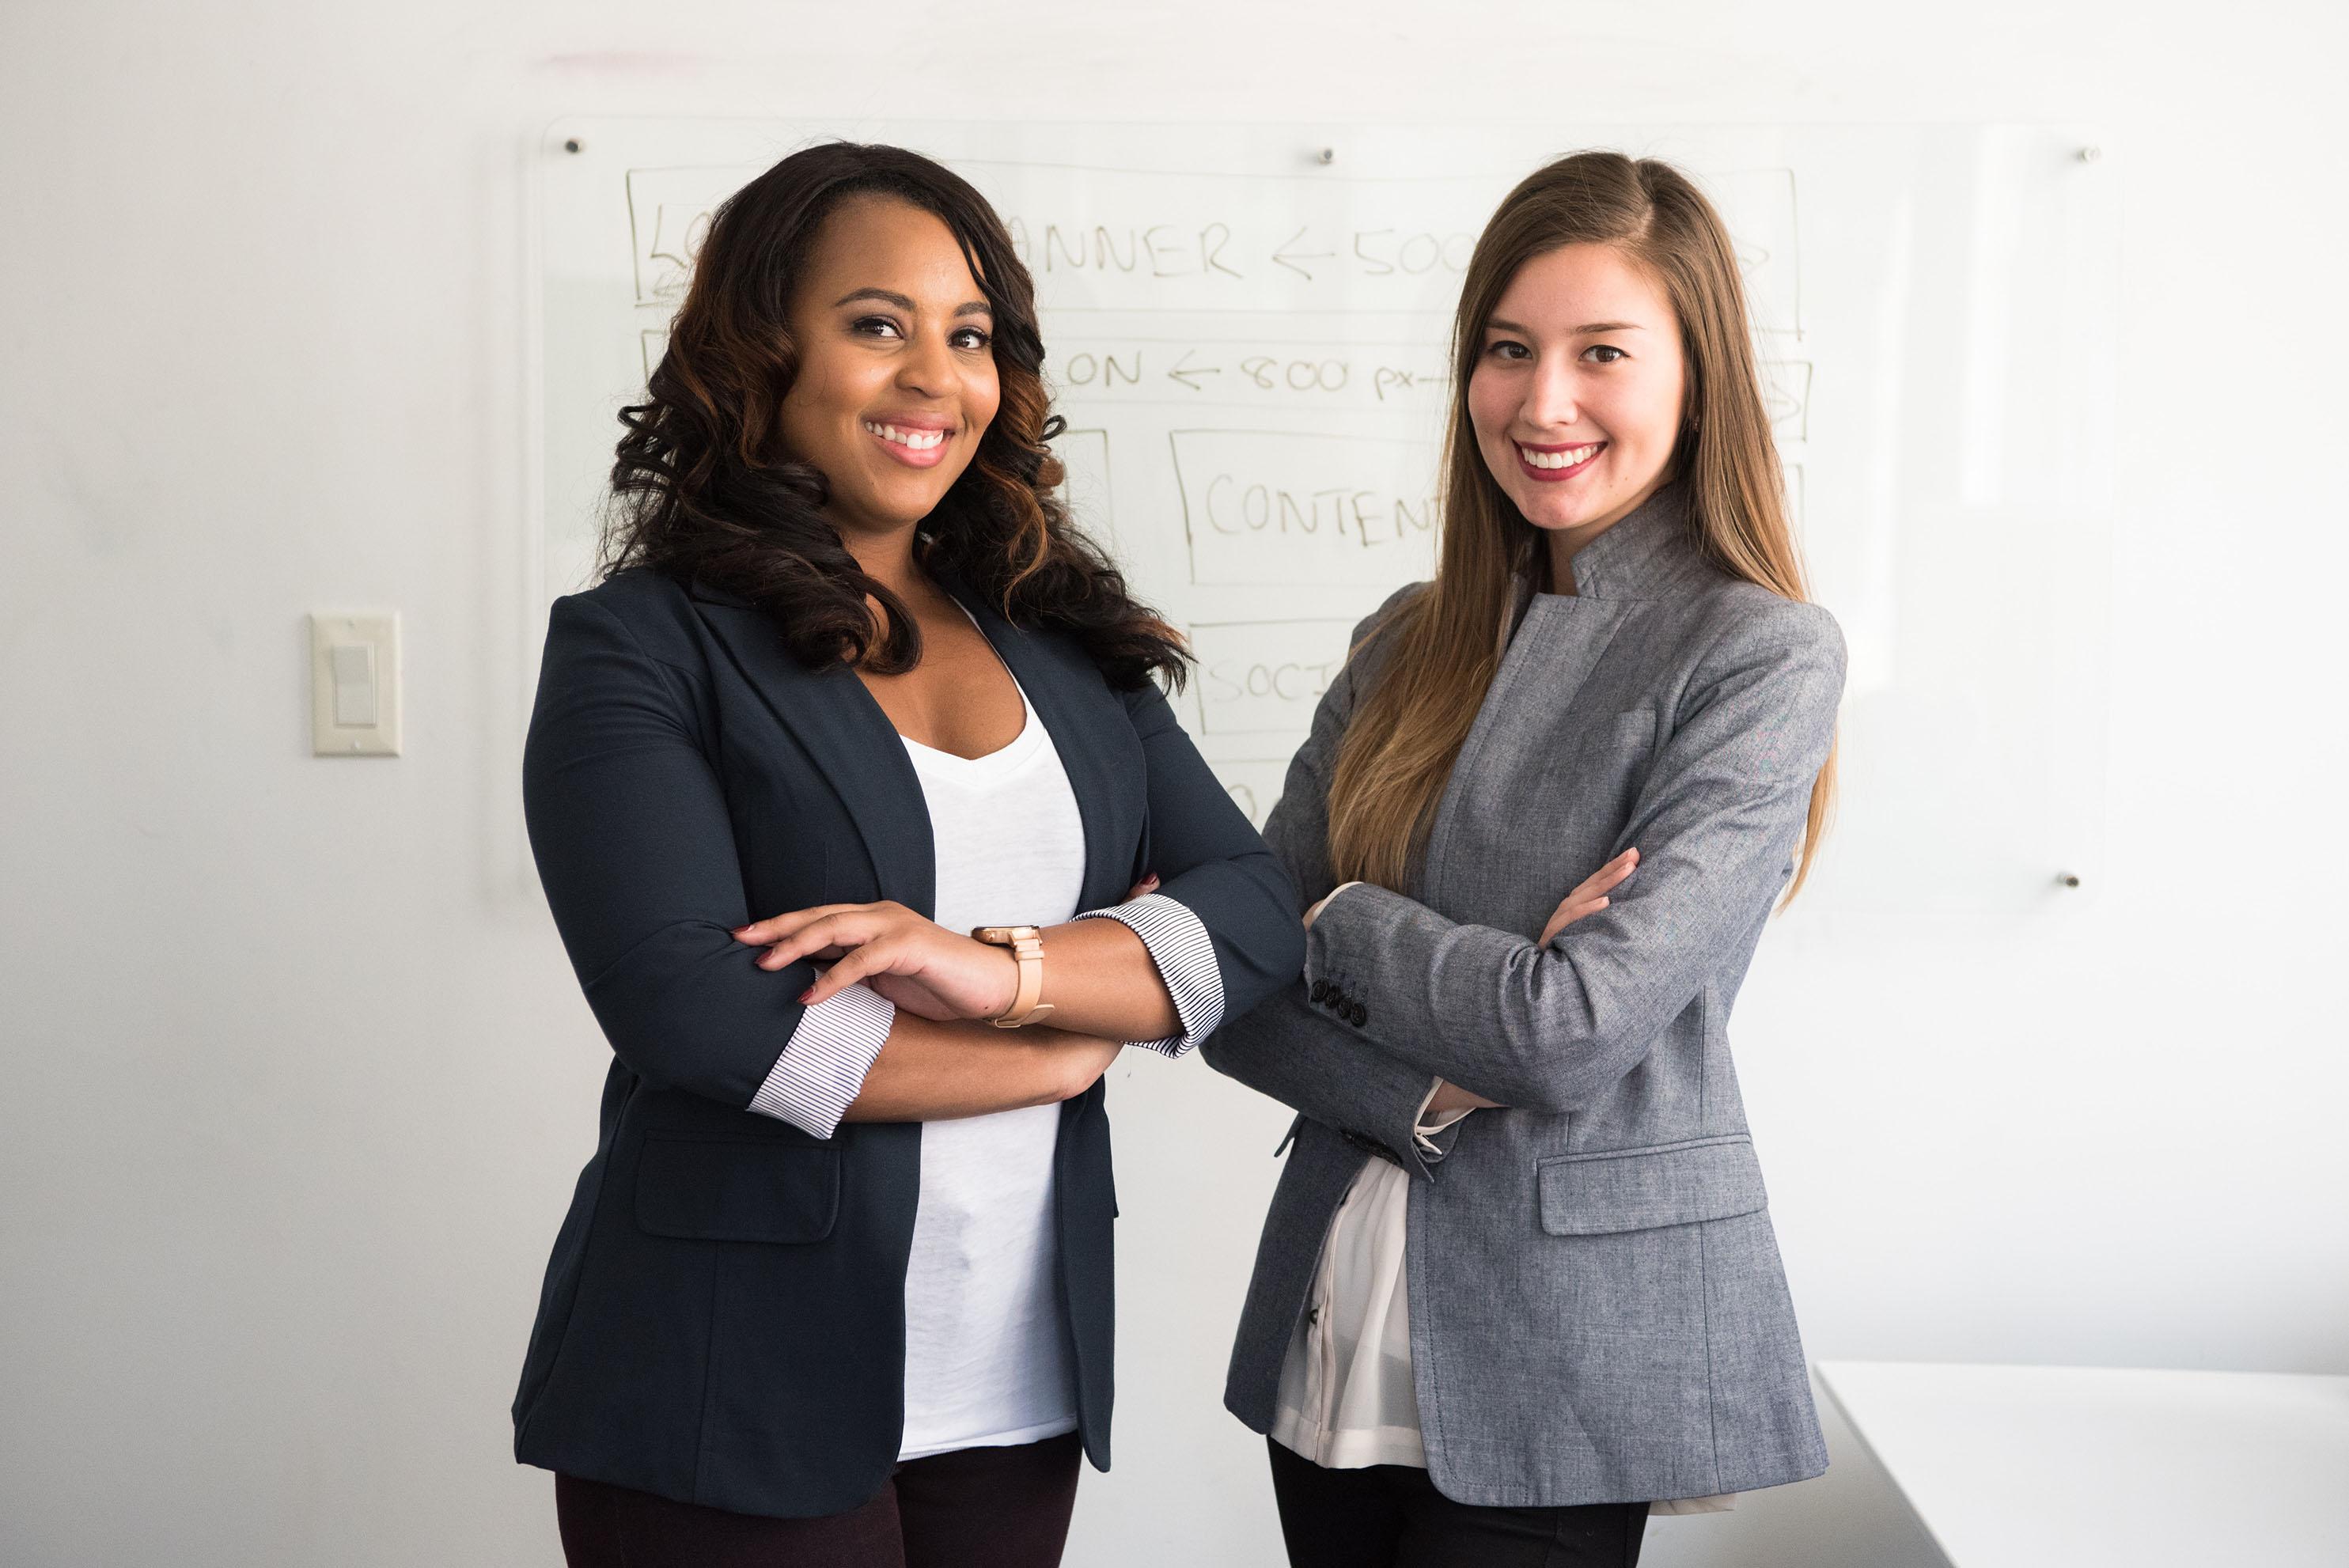 deux femmes les bras croisés devant un tableau blanc orthographiq